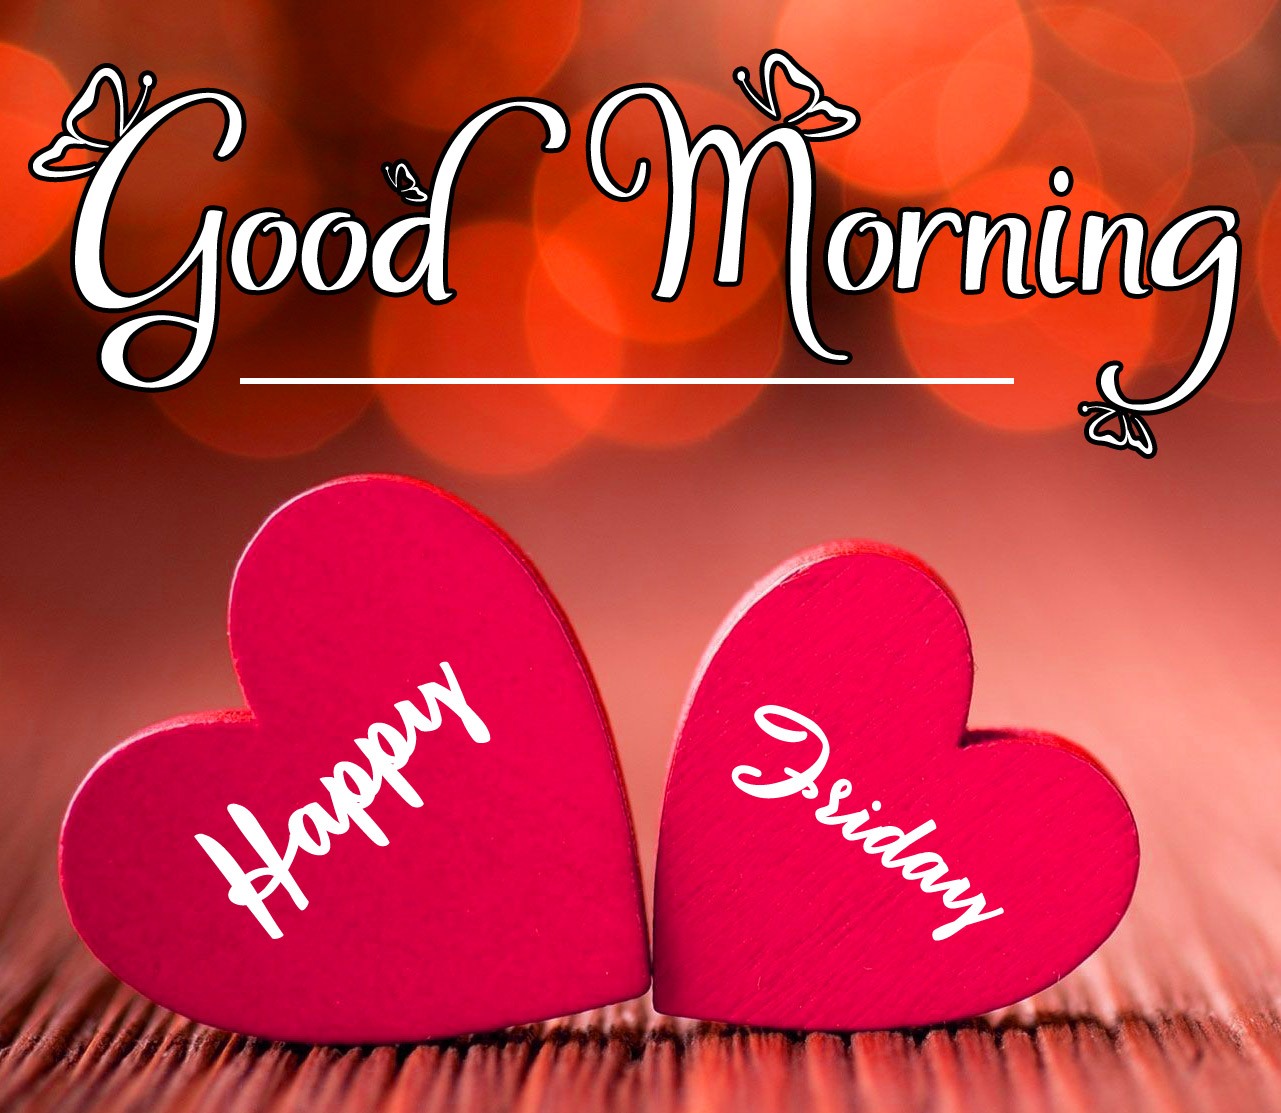 Good Morning Wishes Image 5